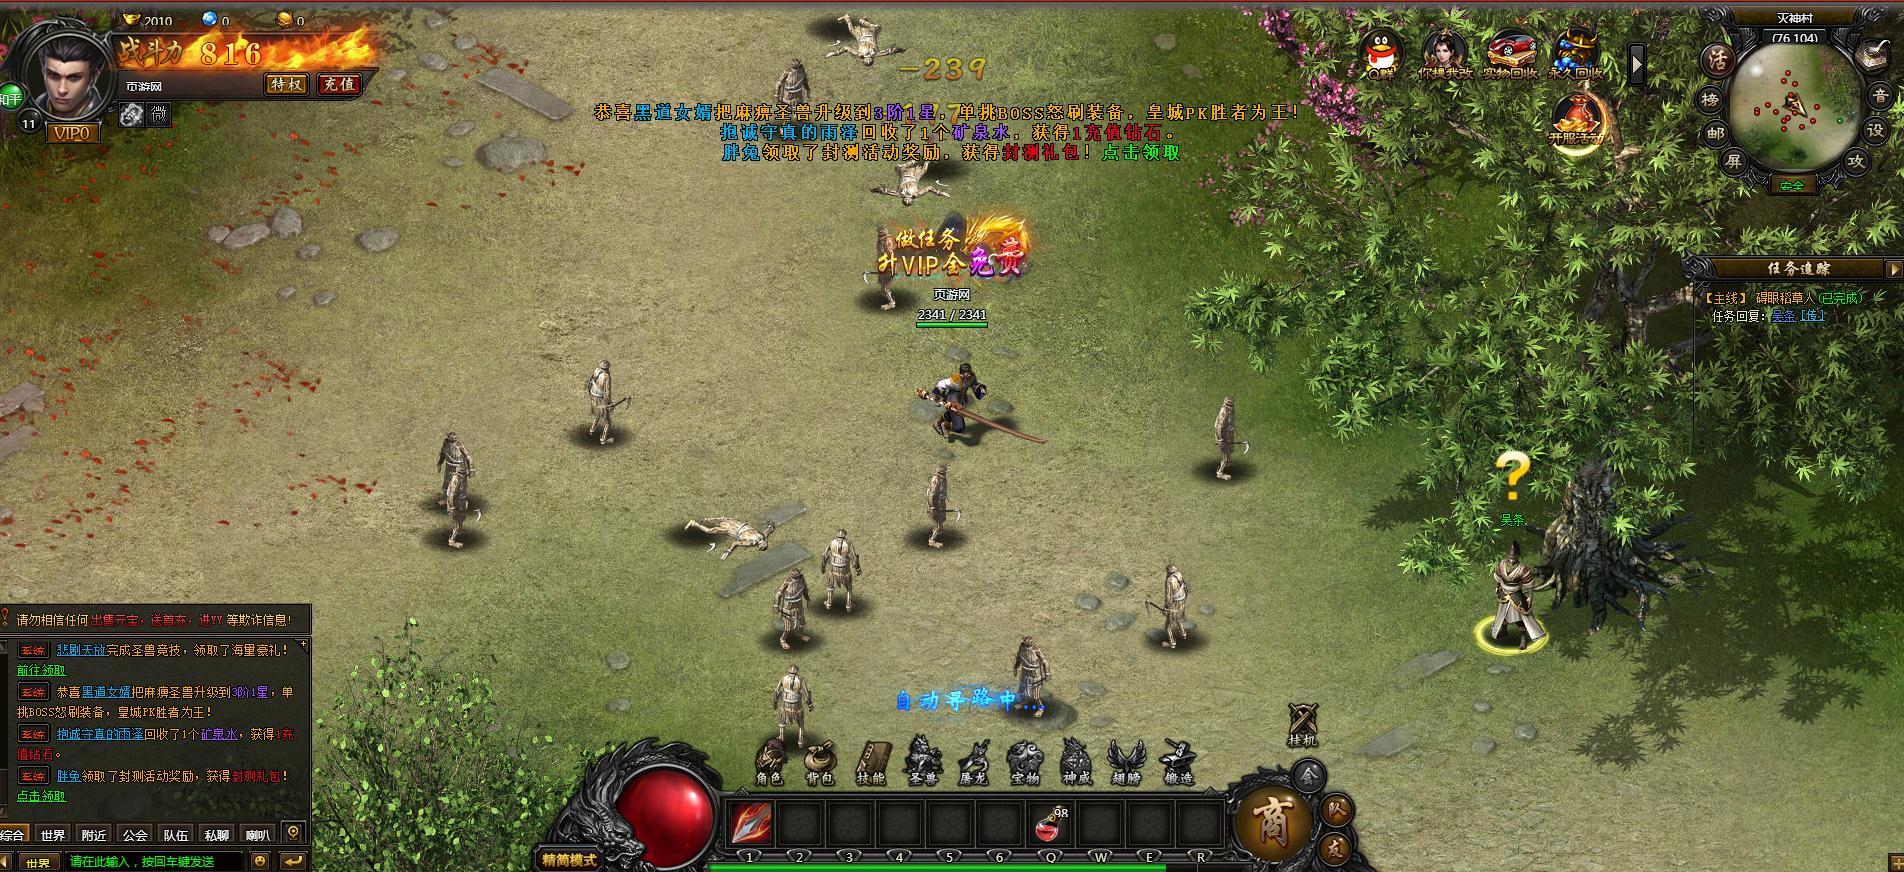 《灭神永恒》游戏截图